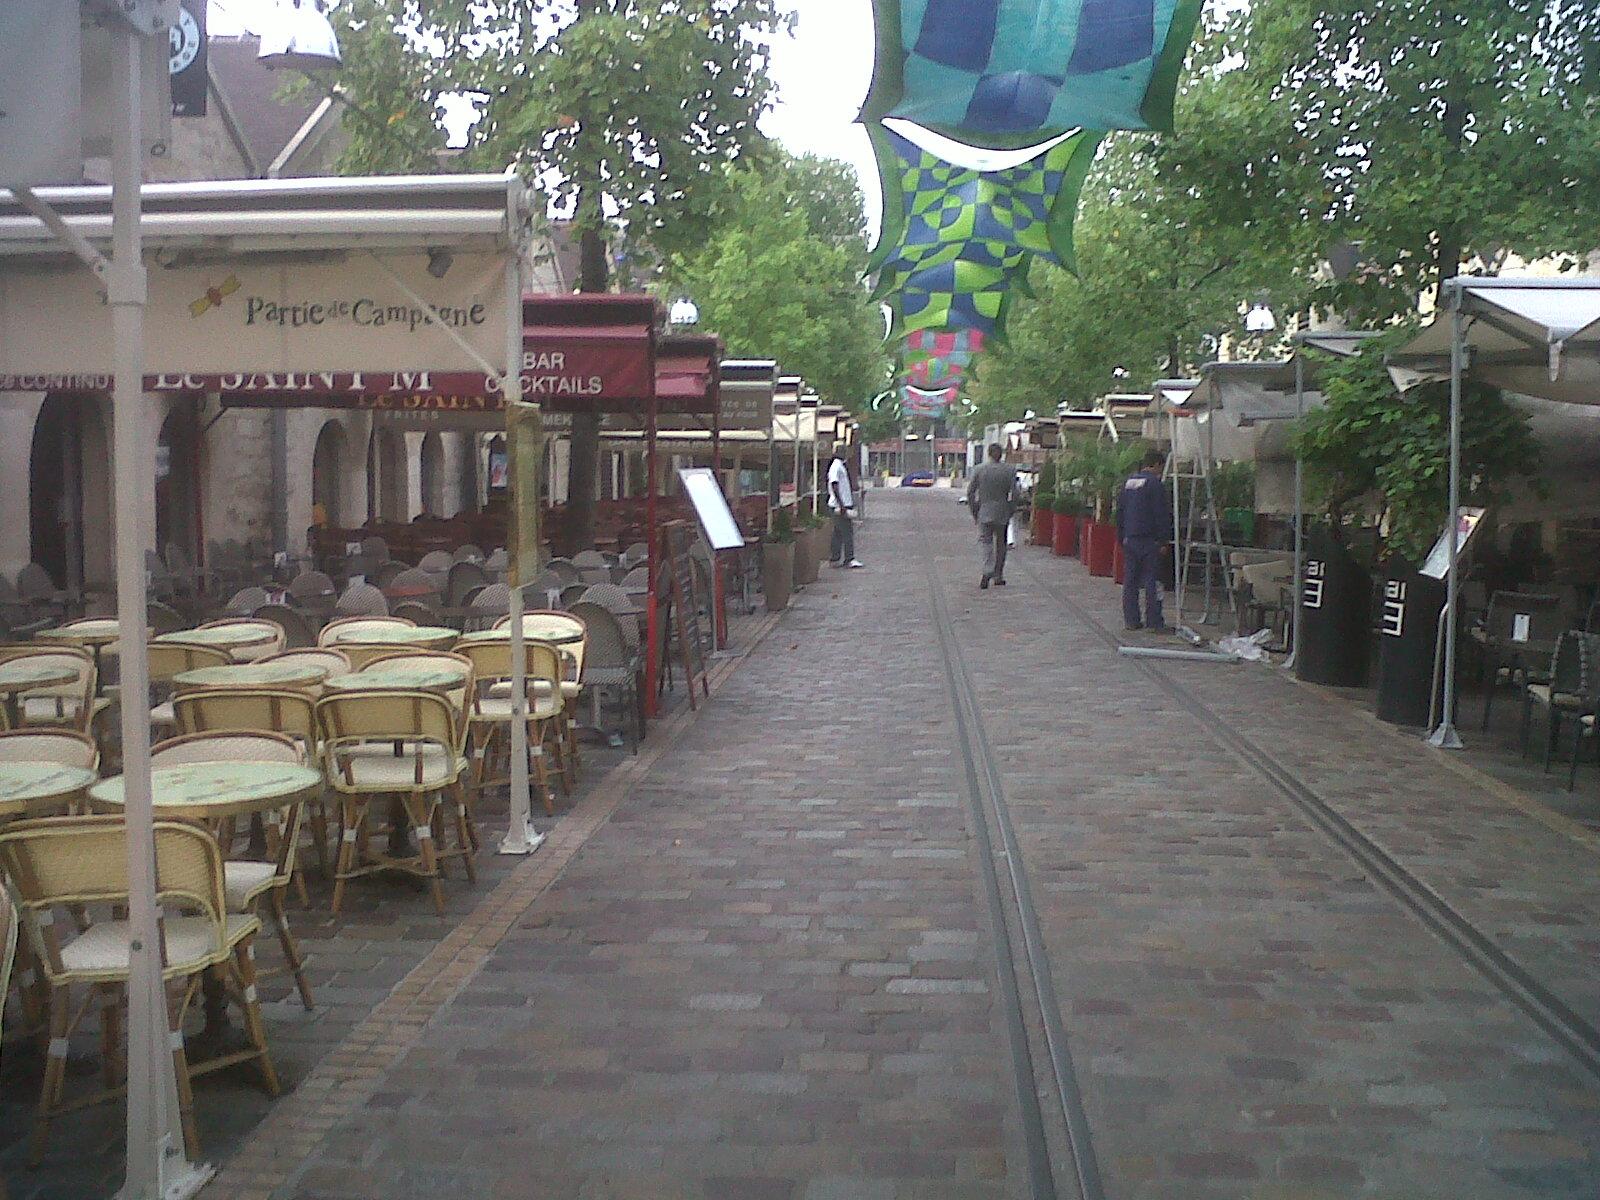 Paris bercy cour st emilion bercy village 2 sep12